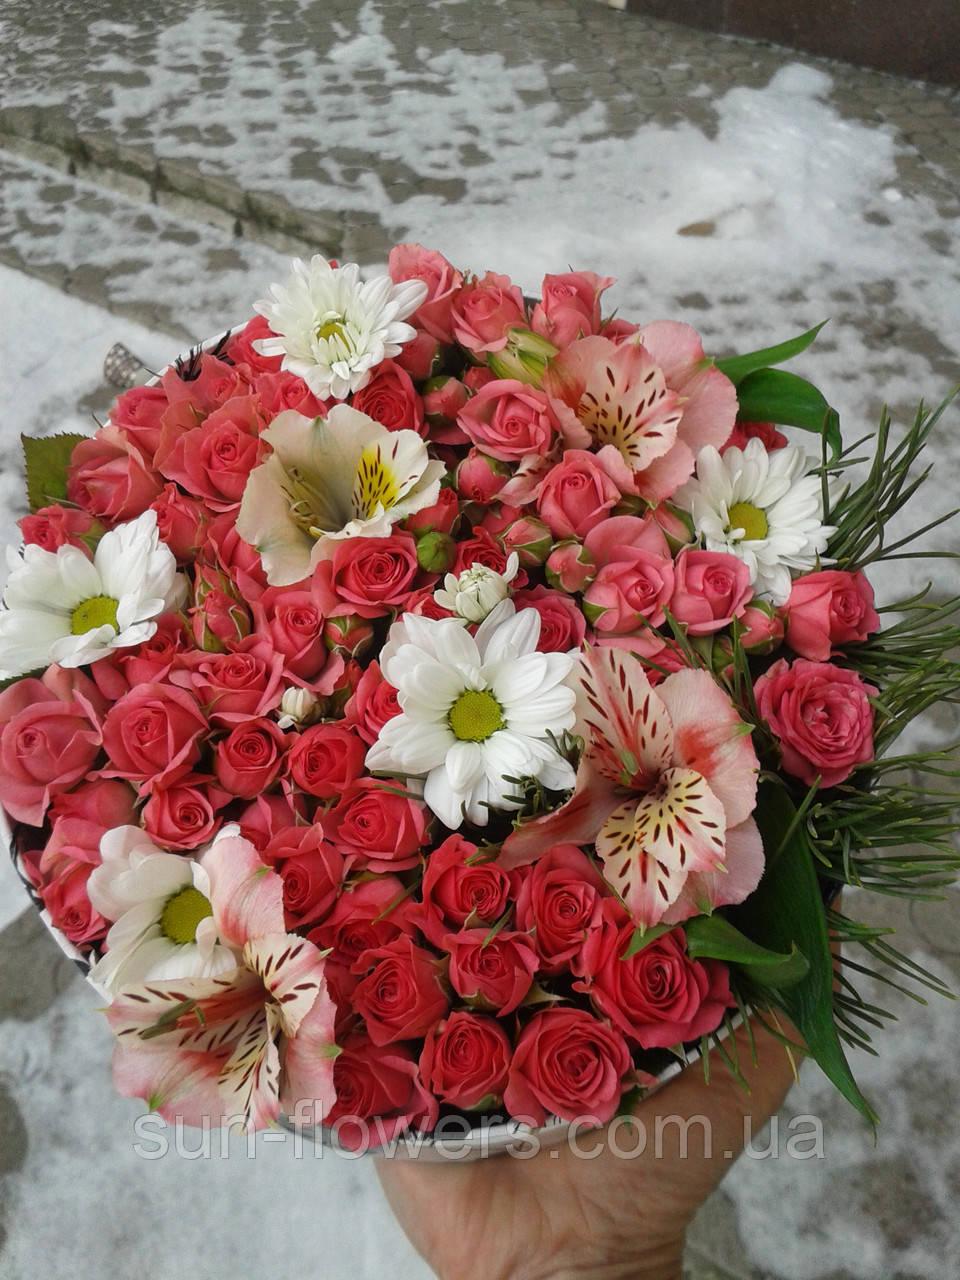 Цветы -микс в шляпной коробке